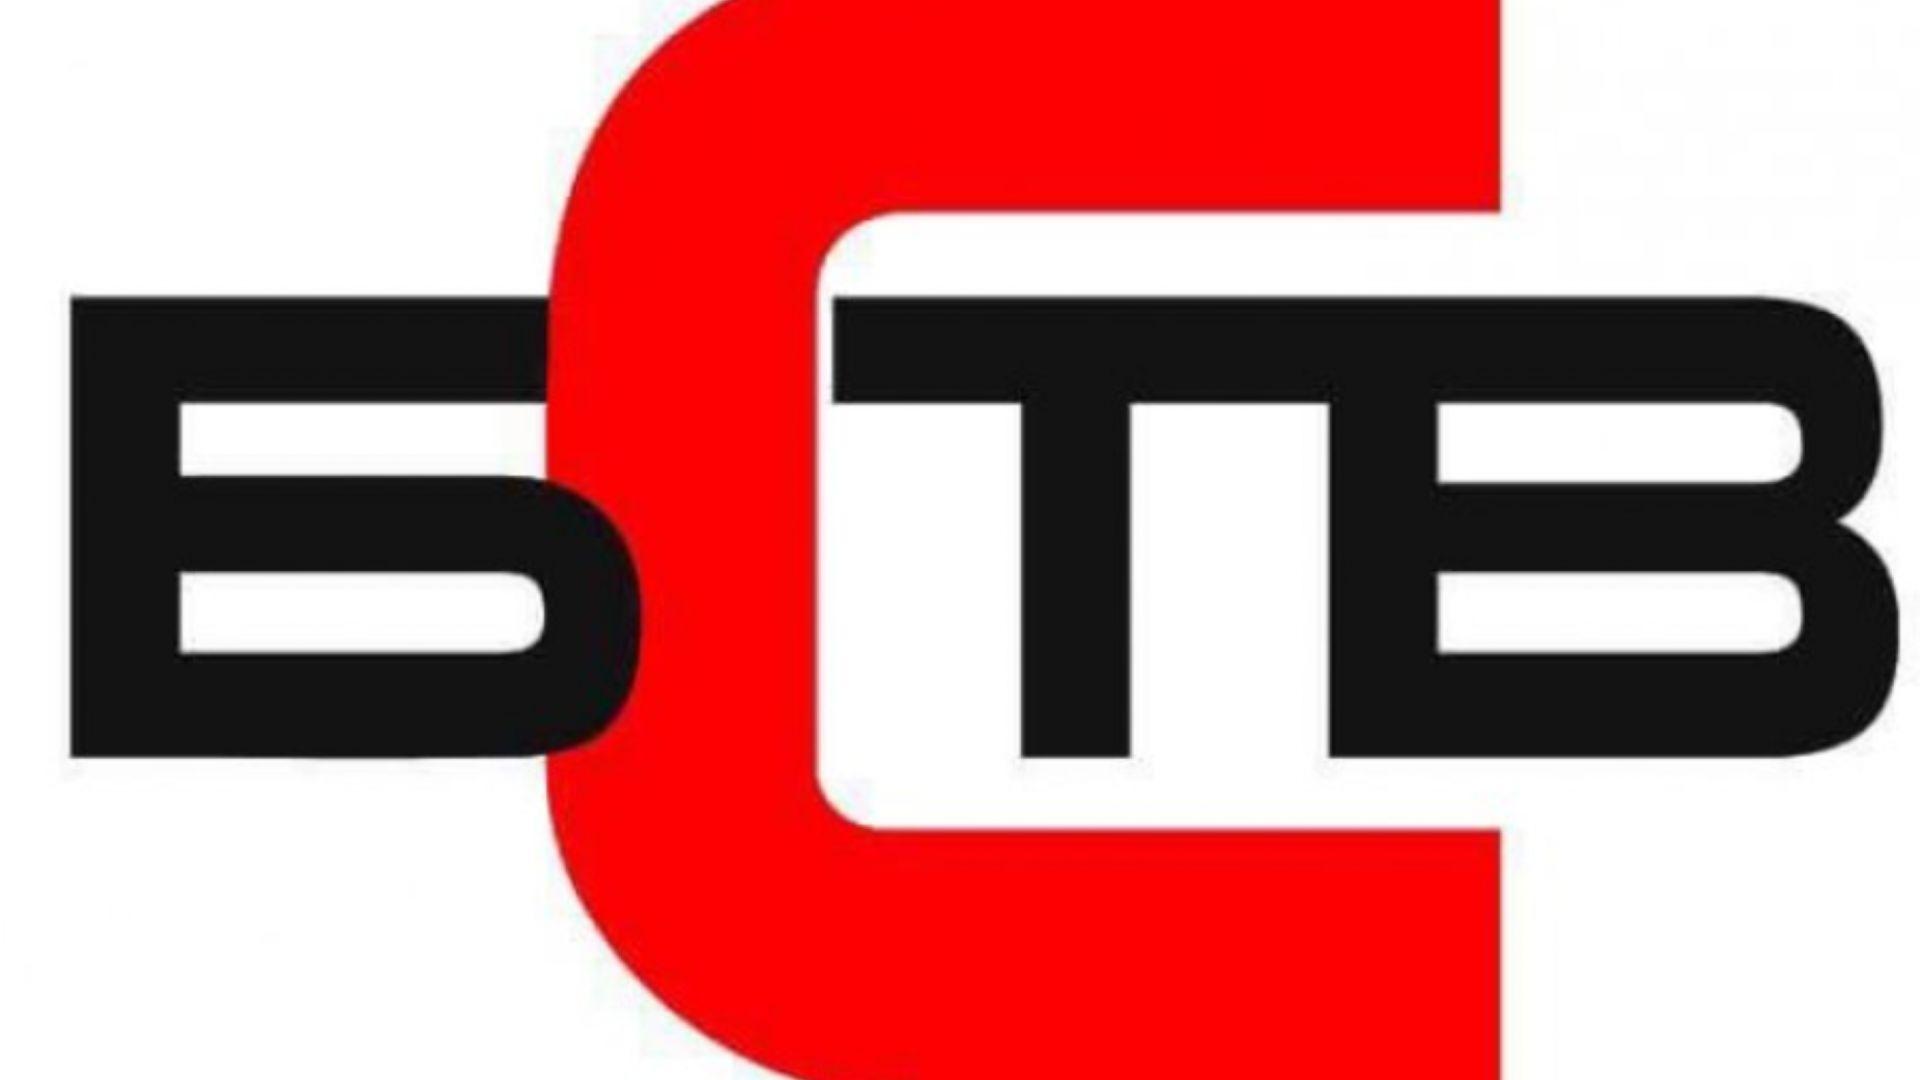 Българска свободна телевизия на БСП тръгва днес